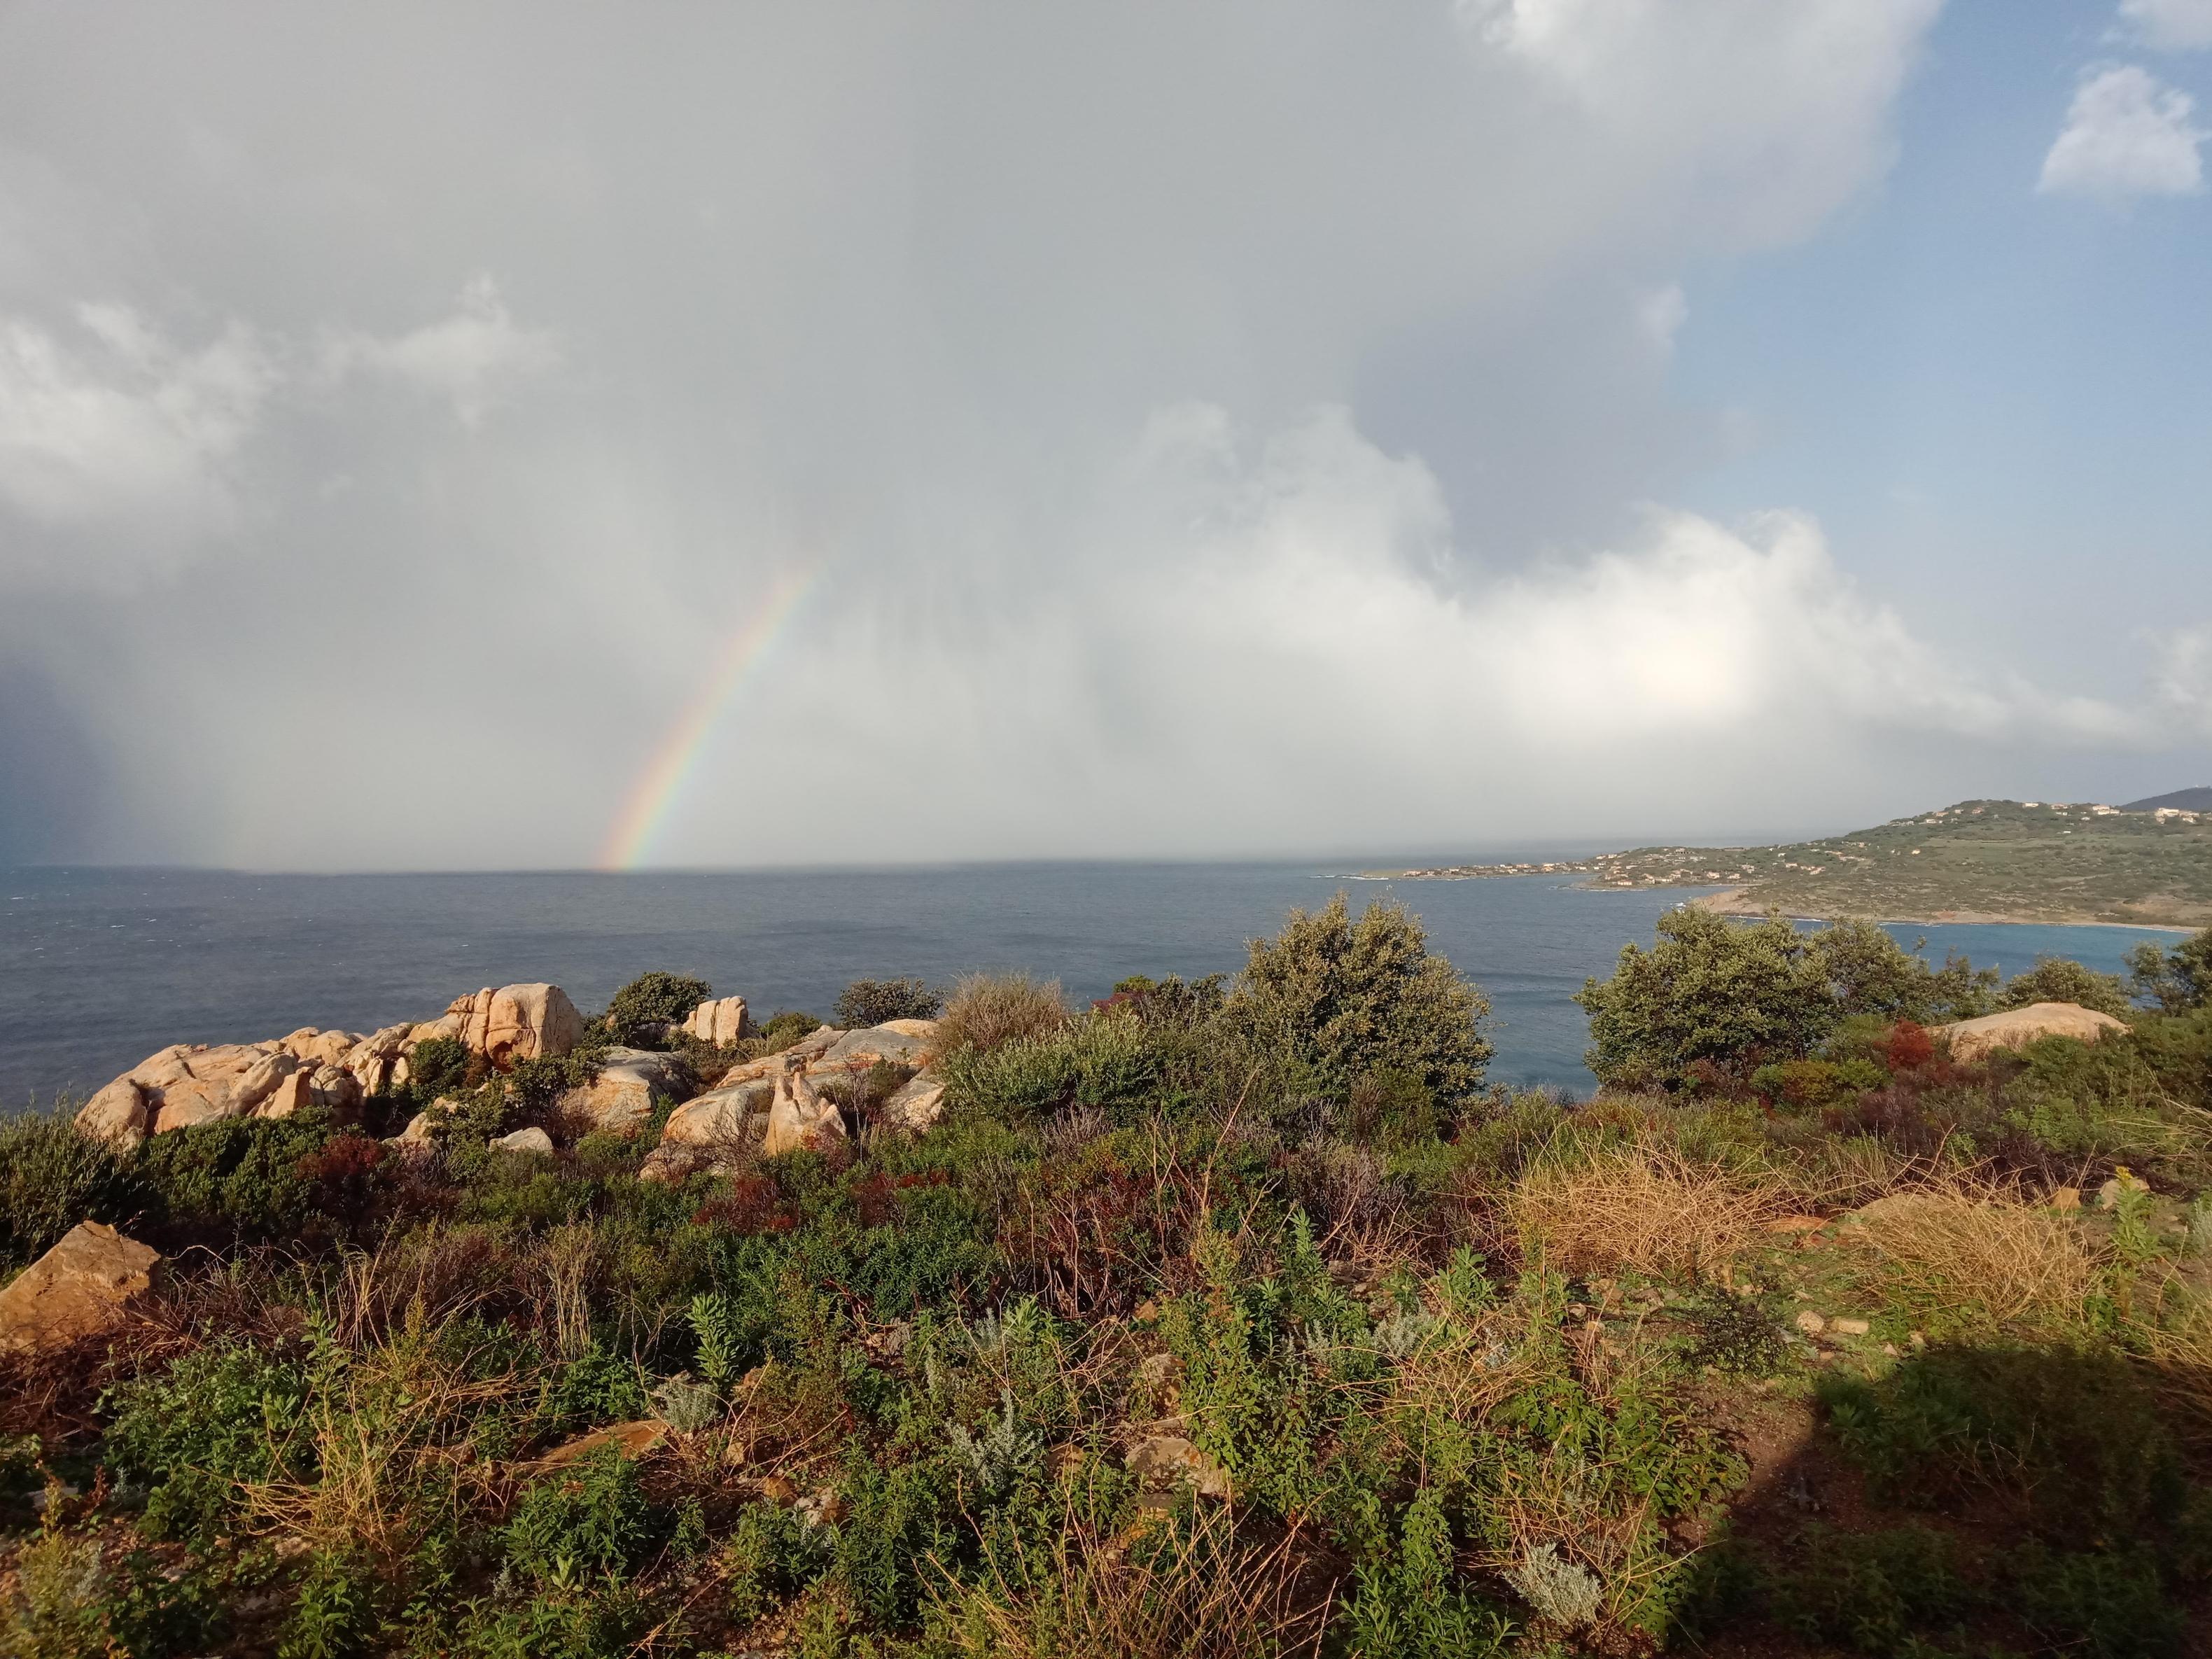 Aghjola depuis le mont Saint-Joseph (David Dellacroce)